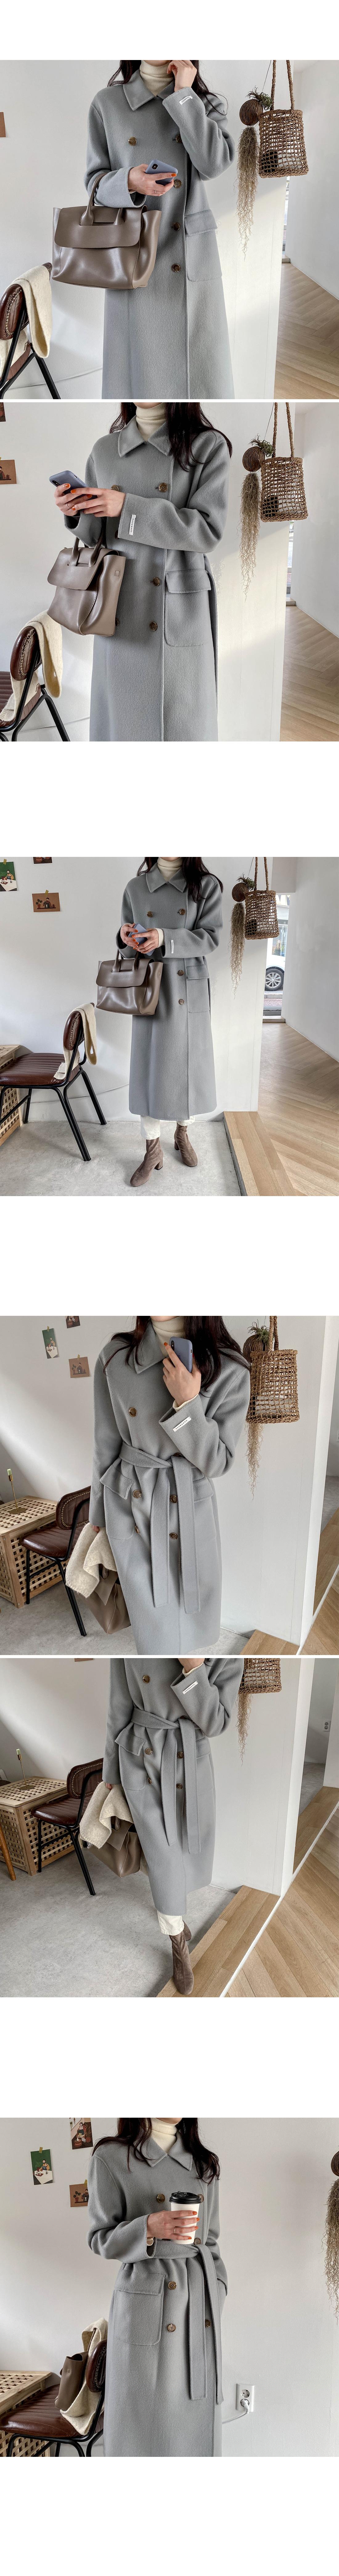 Lost handmade long coat